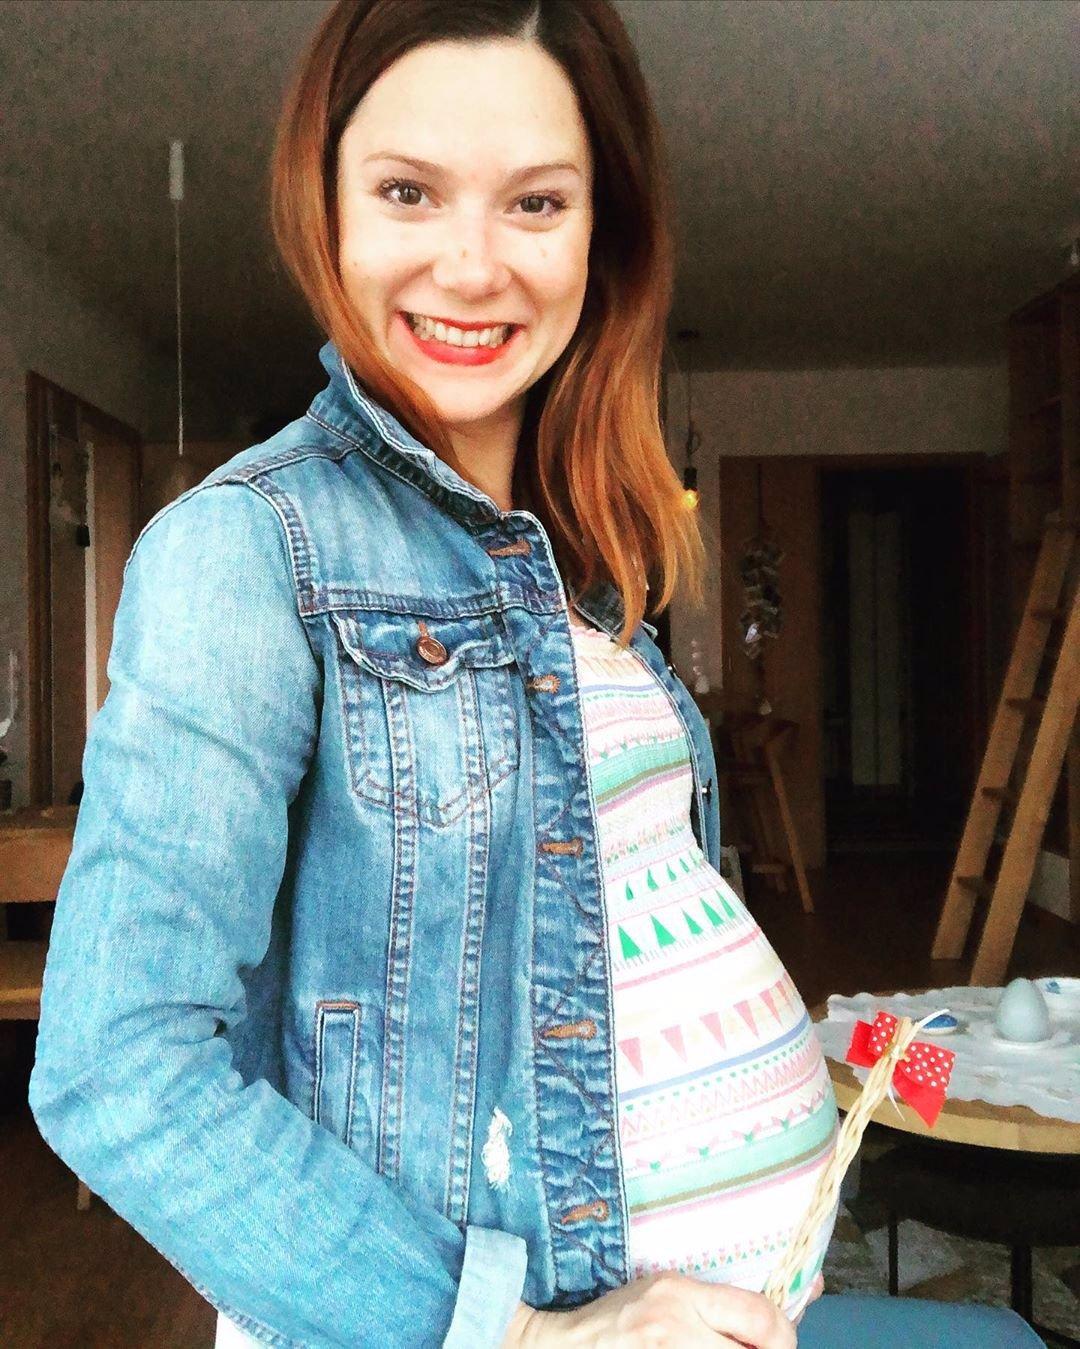 Hlas Lízy Simpsonové, herečka Ivana Korolová porodila: Amélka si dala pěkně na čas